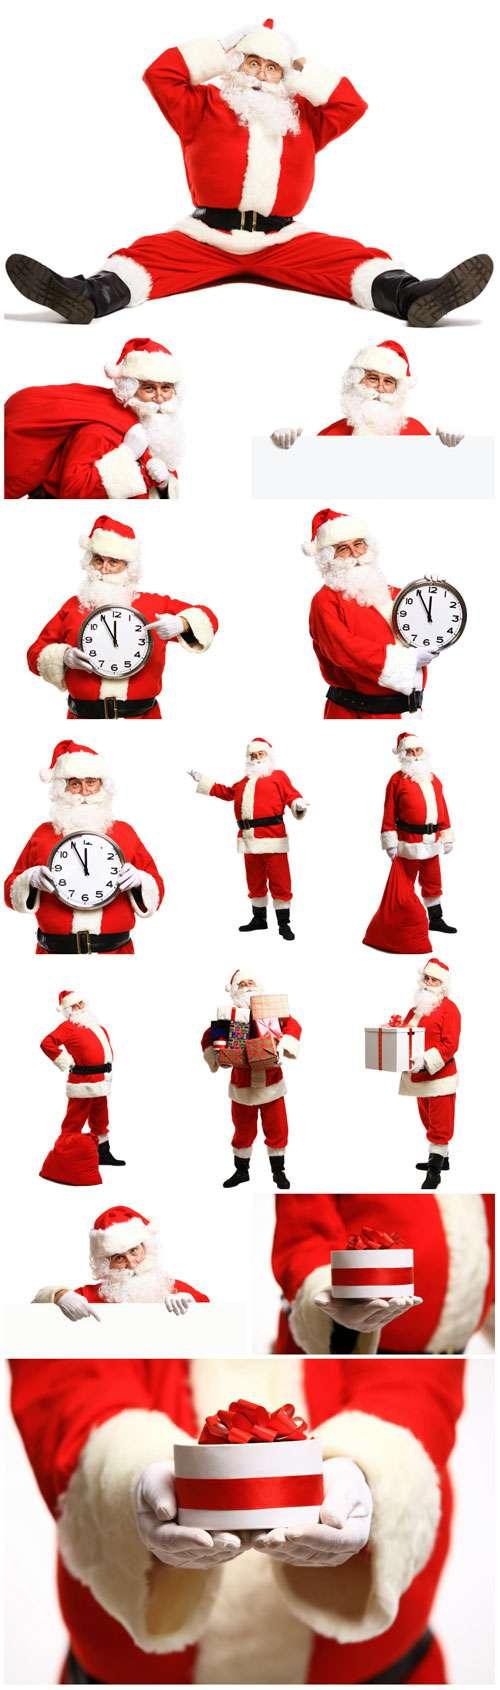 Санта Клаус - Новый год и Рождество